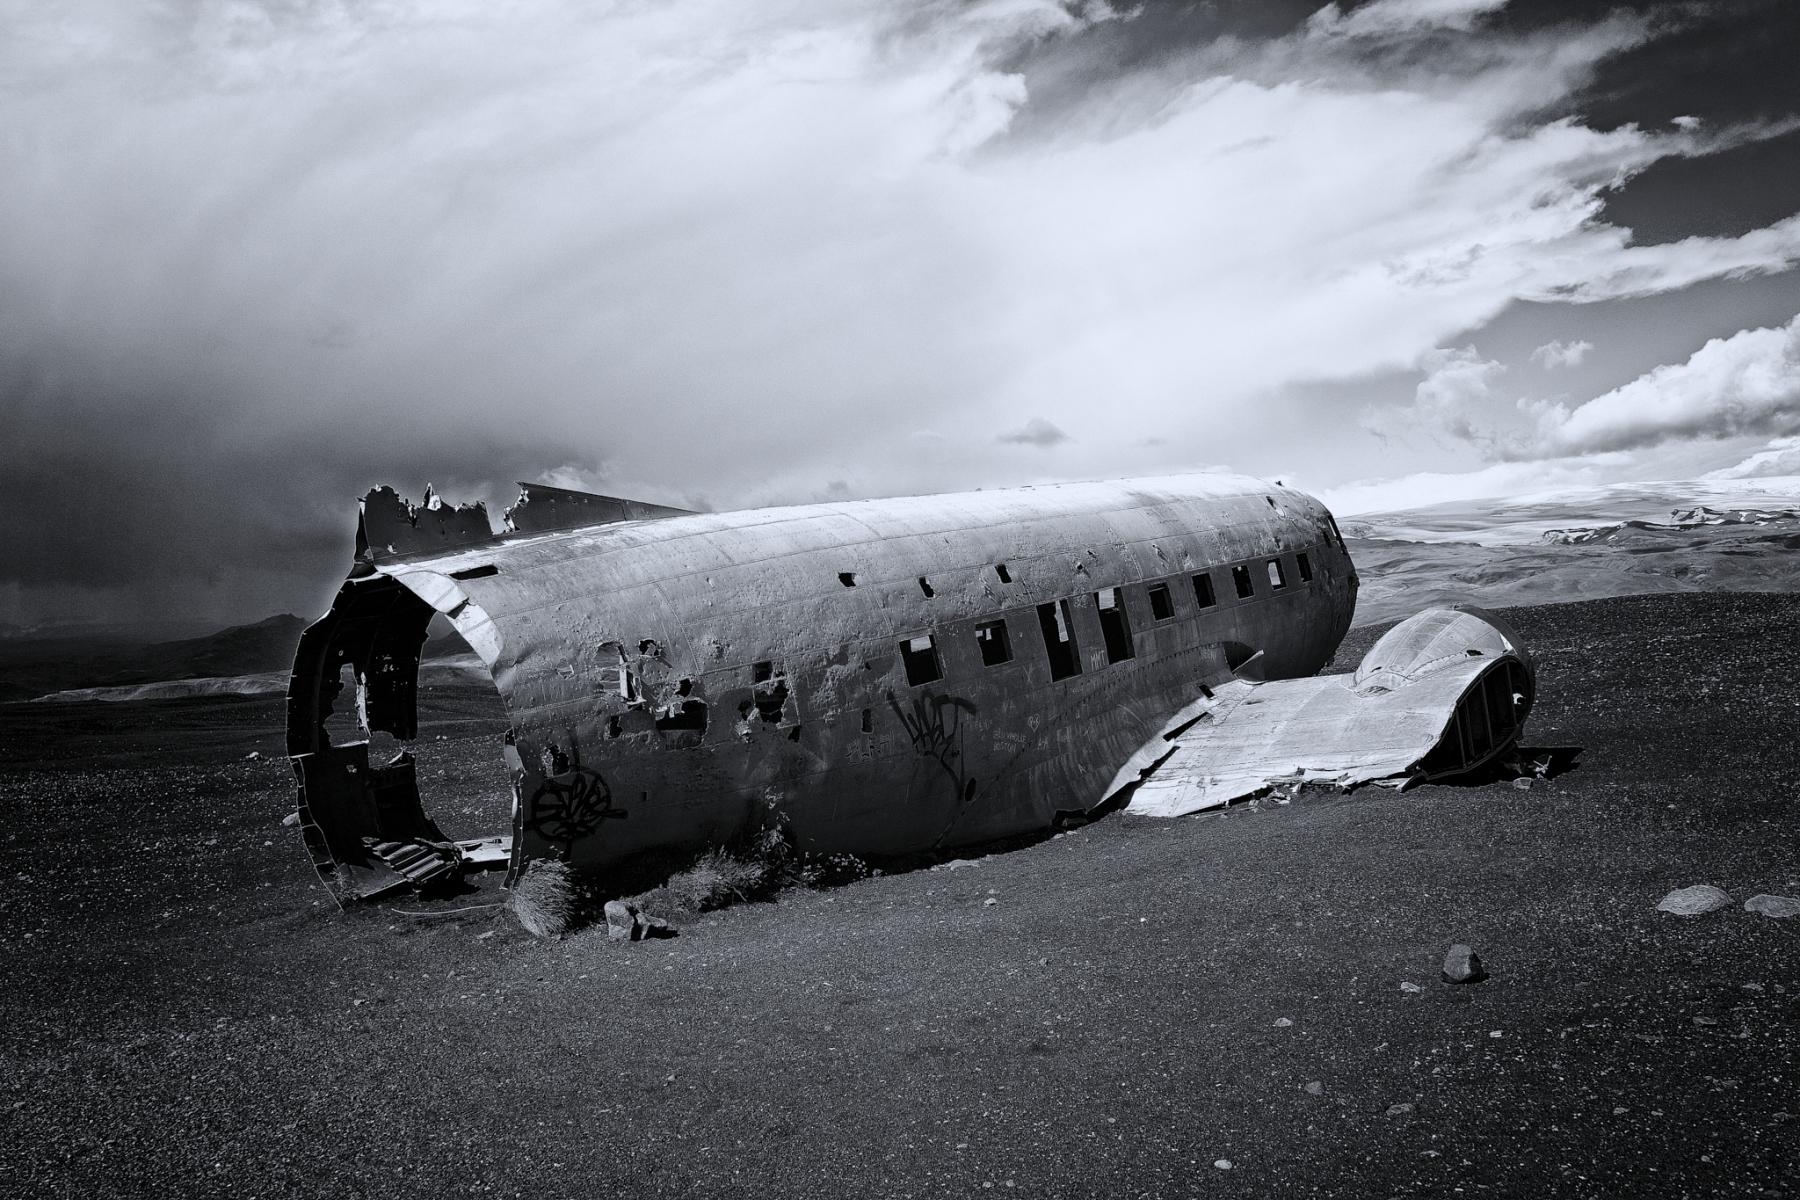 Islande-Avion-2048-93